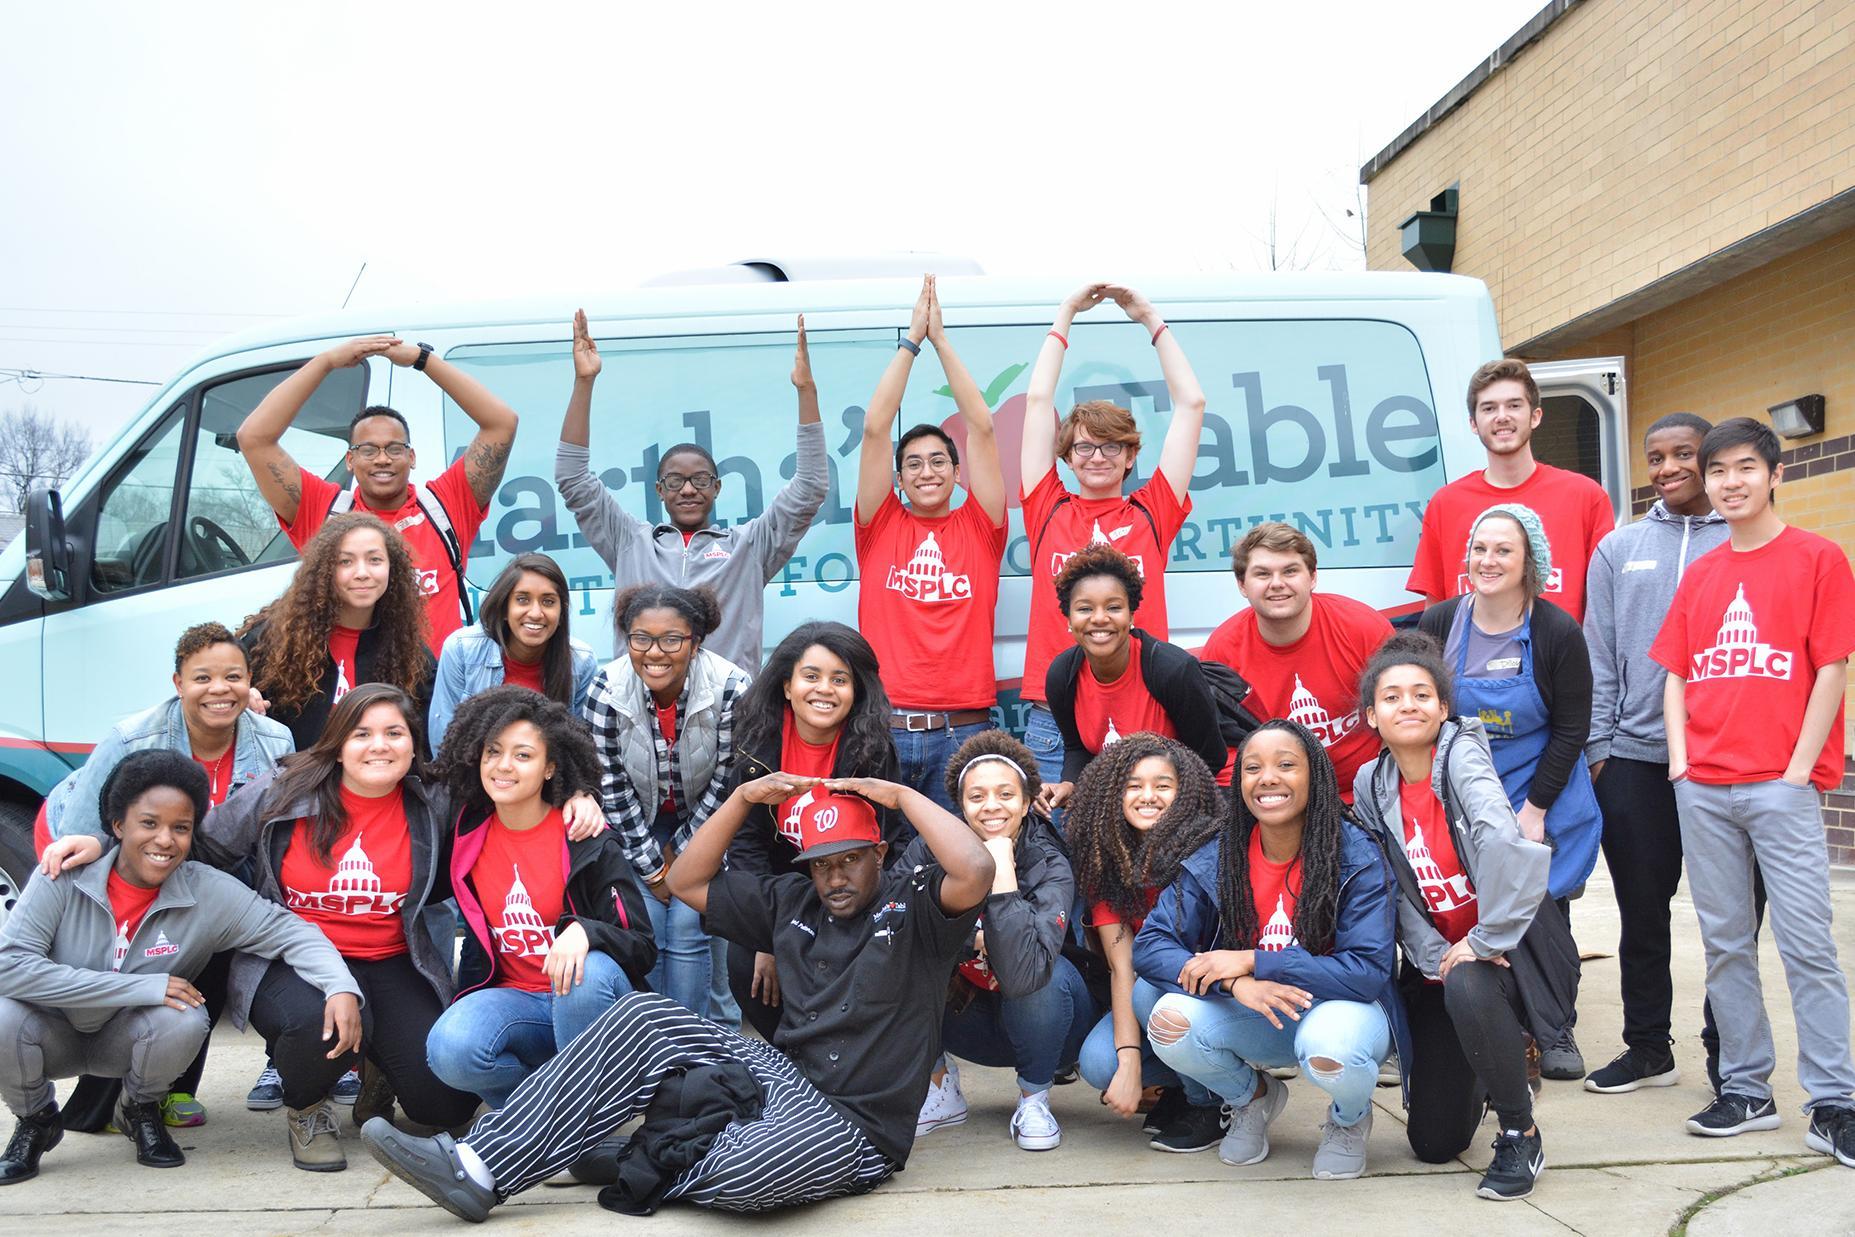 MSP scholars in front of a van